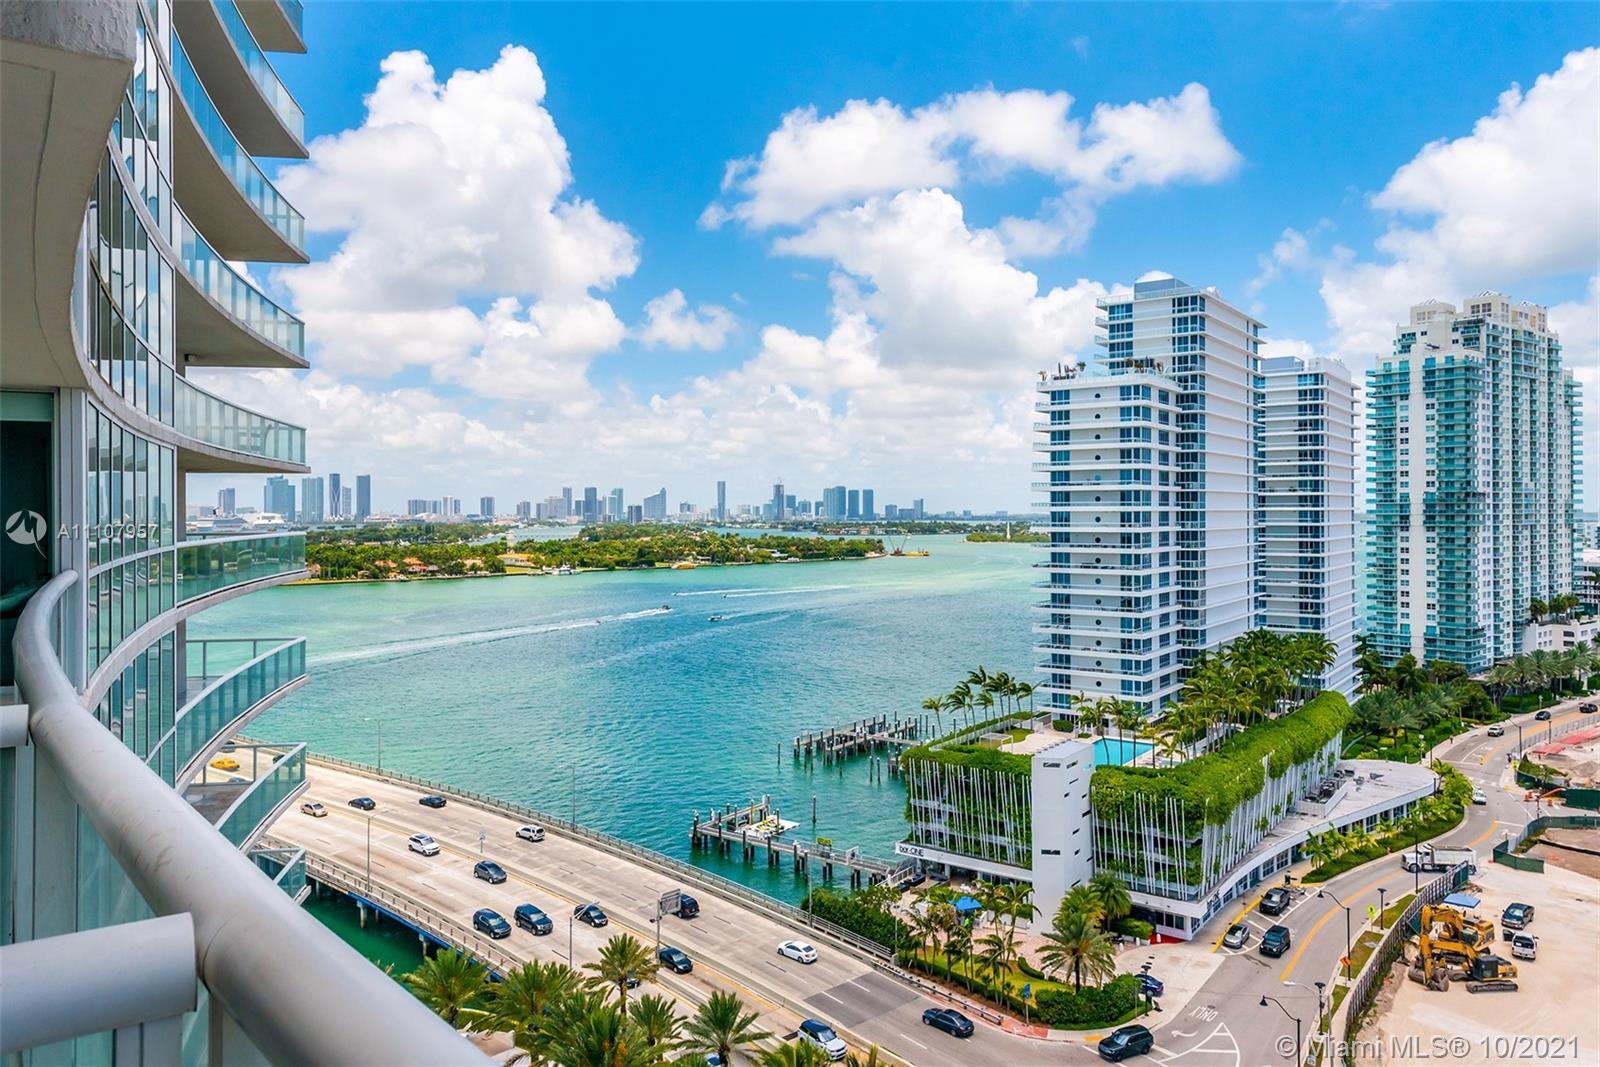 450 Alton Rd Unit 1606, Miami Beach, Florida 33139